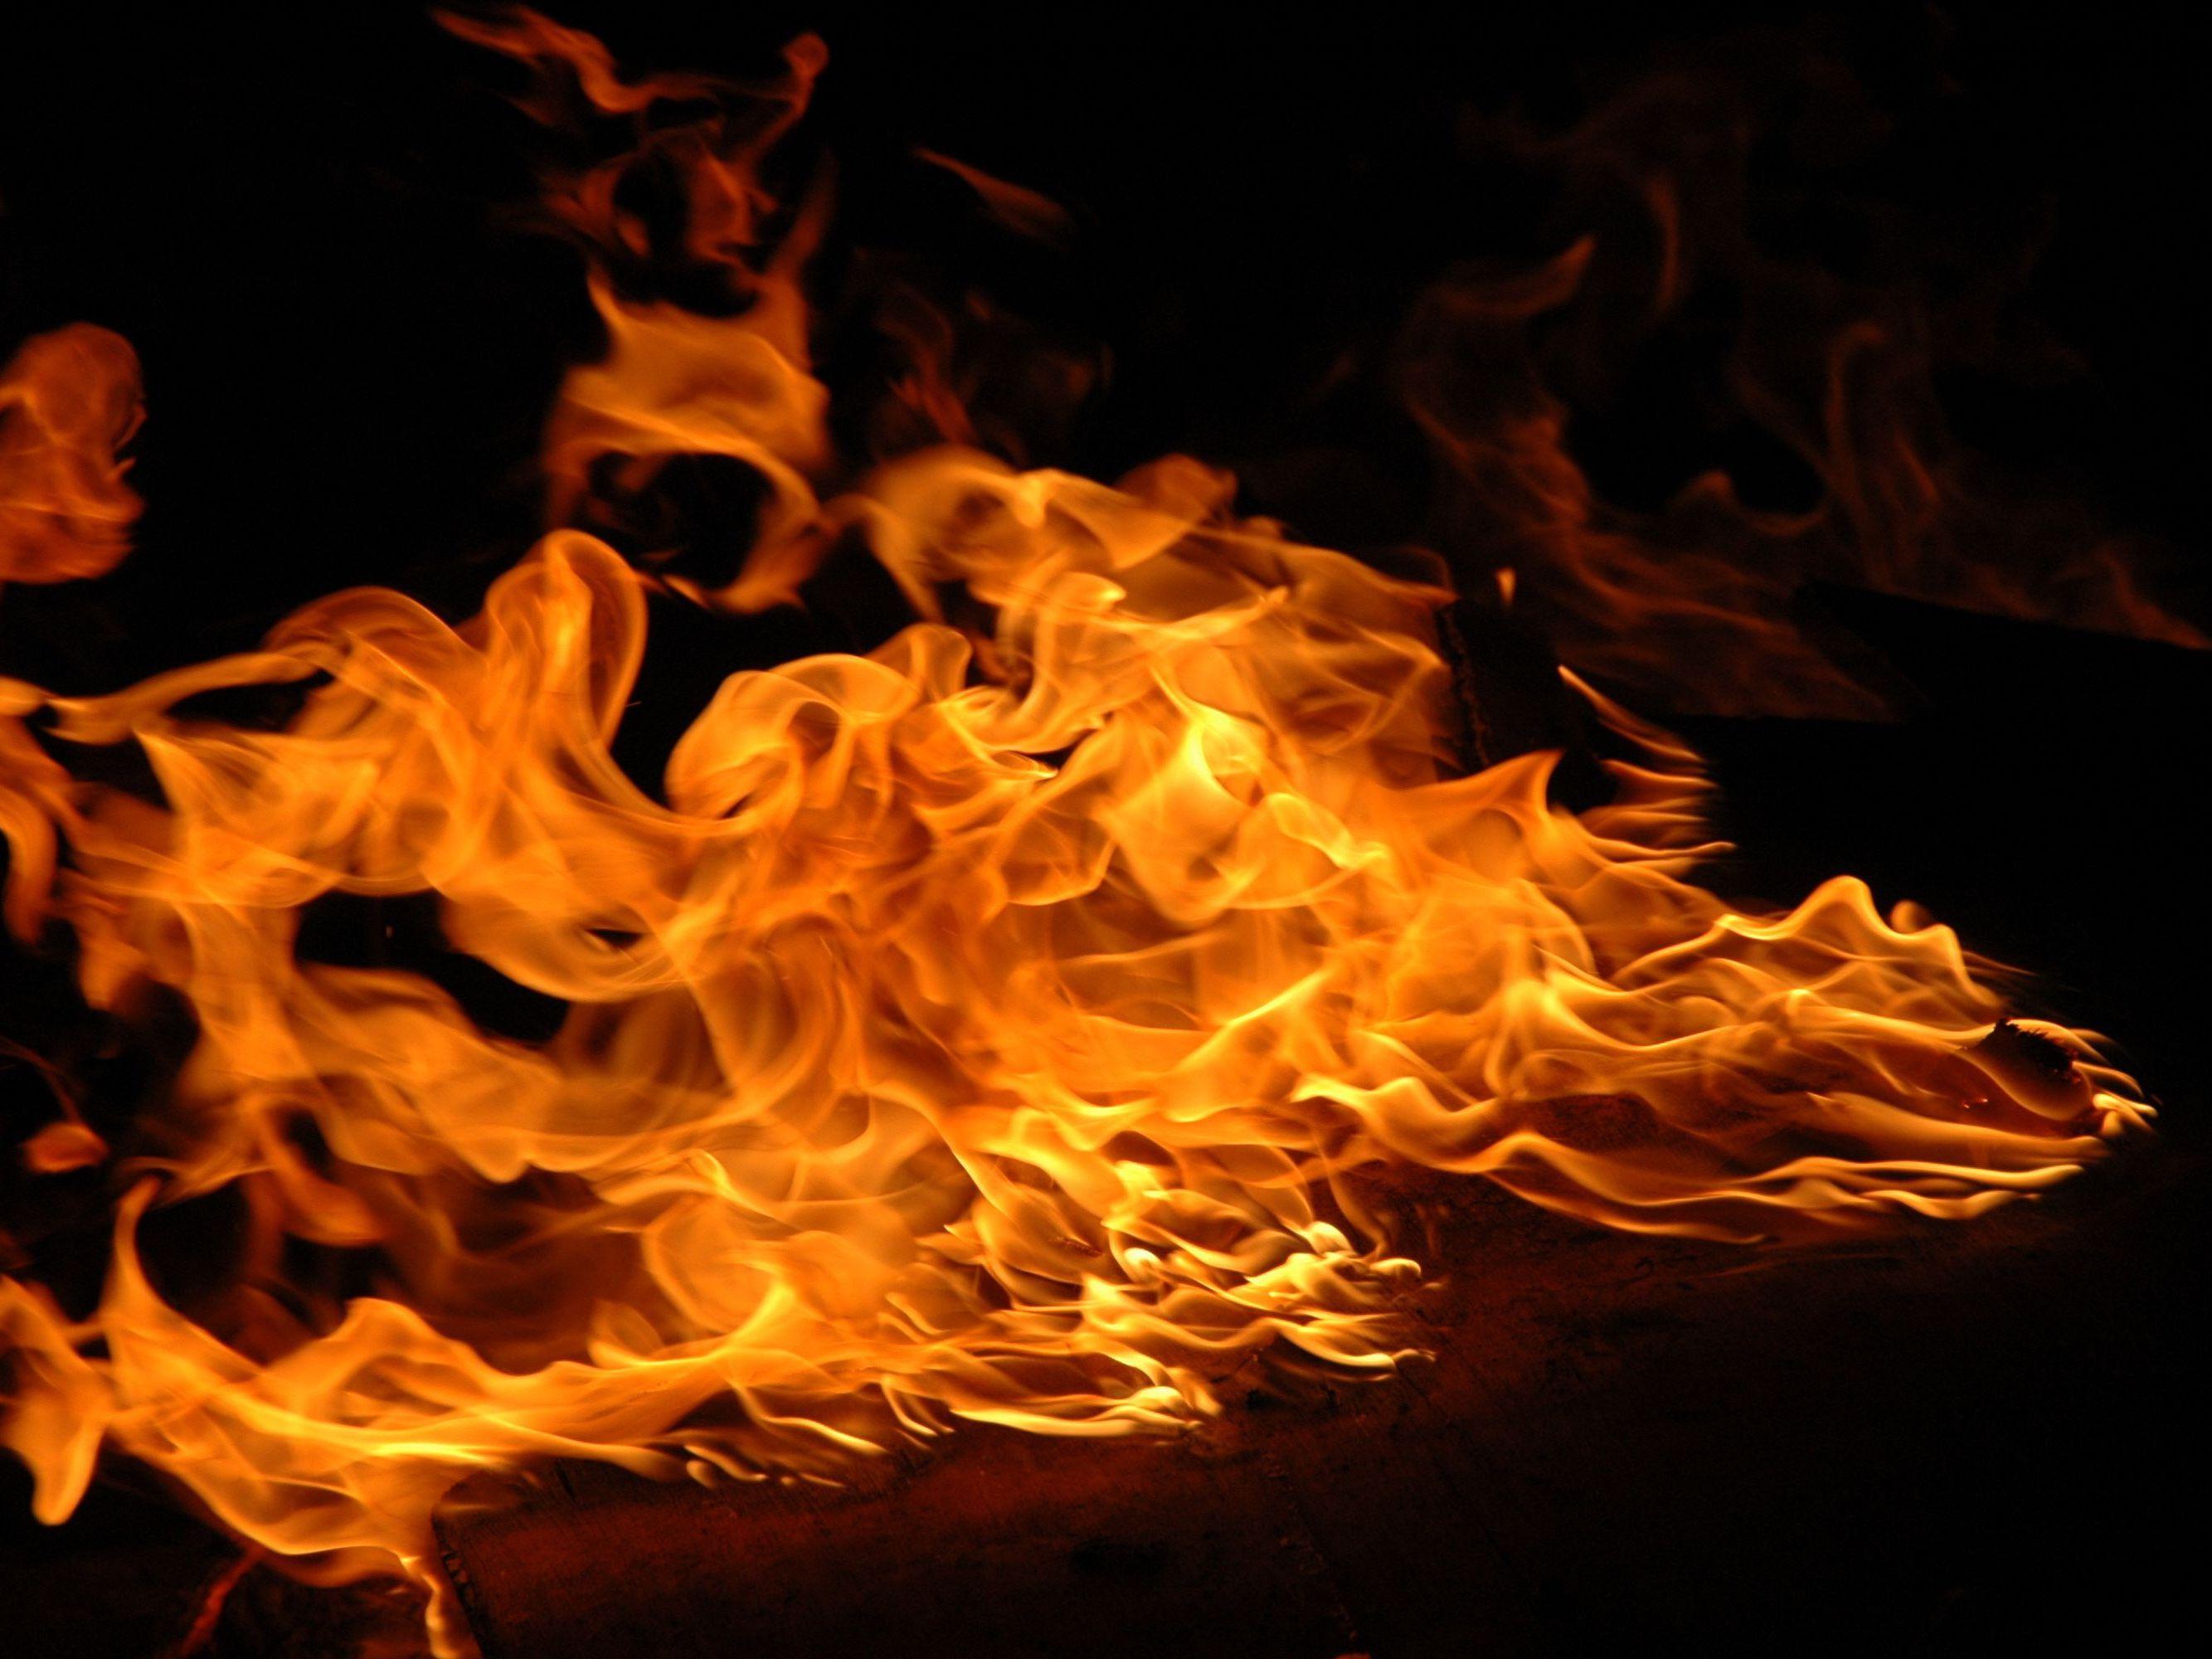 Hình ảnh ngọn lửa dữ dội